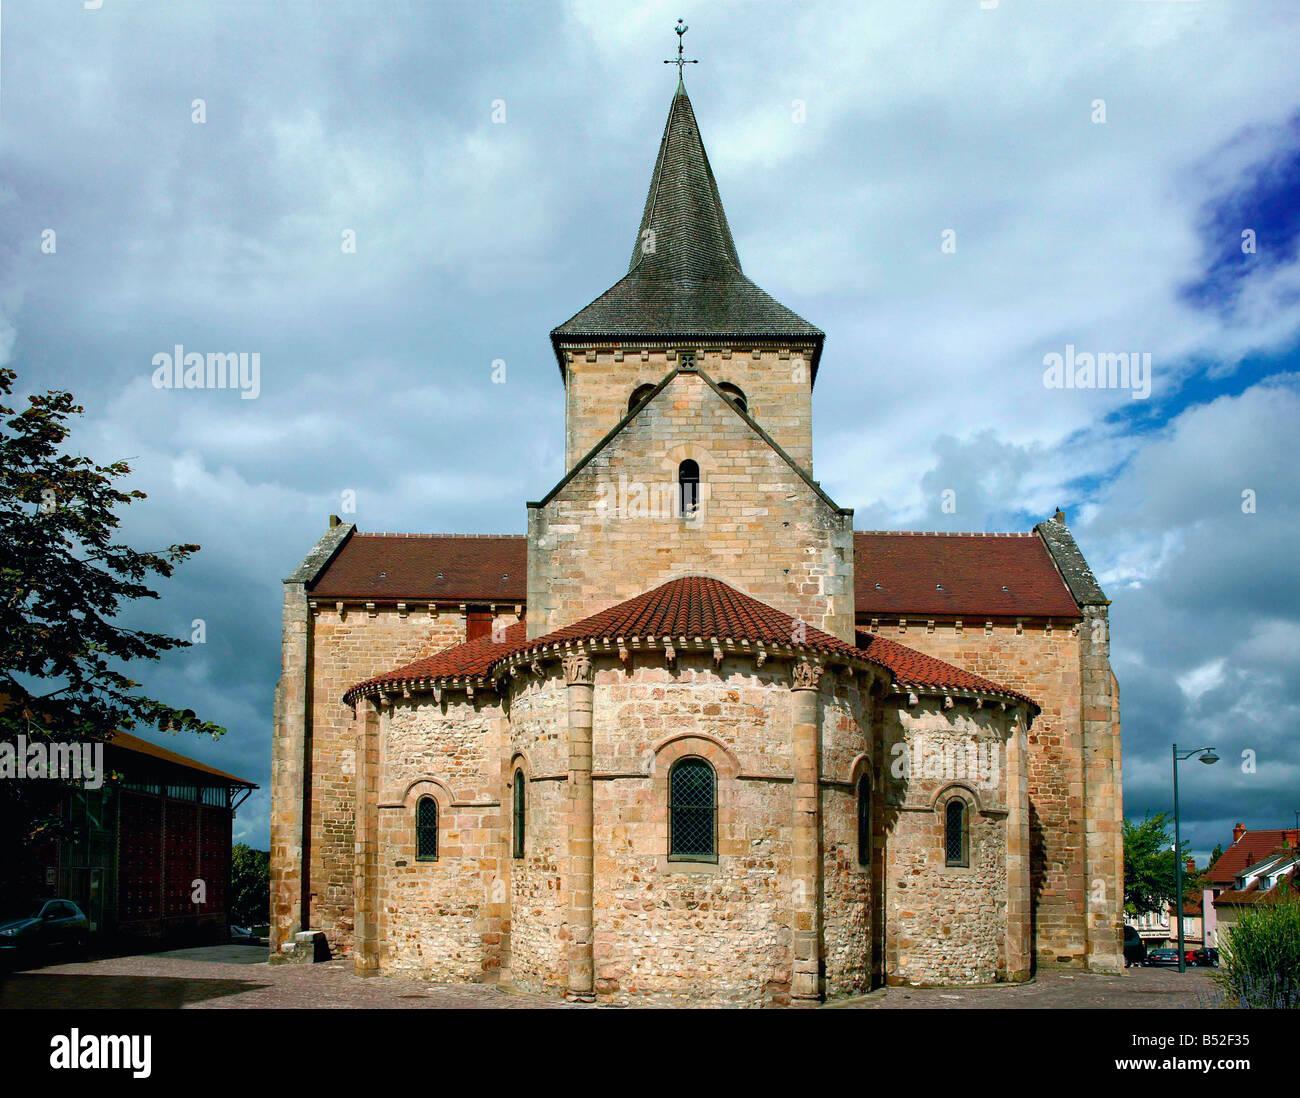 place de l eglise LURCY LEVIS 03 Allier france eglise romane du onzieme siecles XI eme - Stock Image